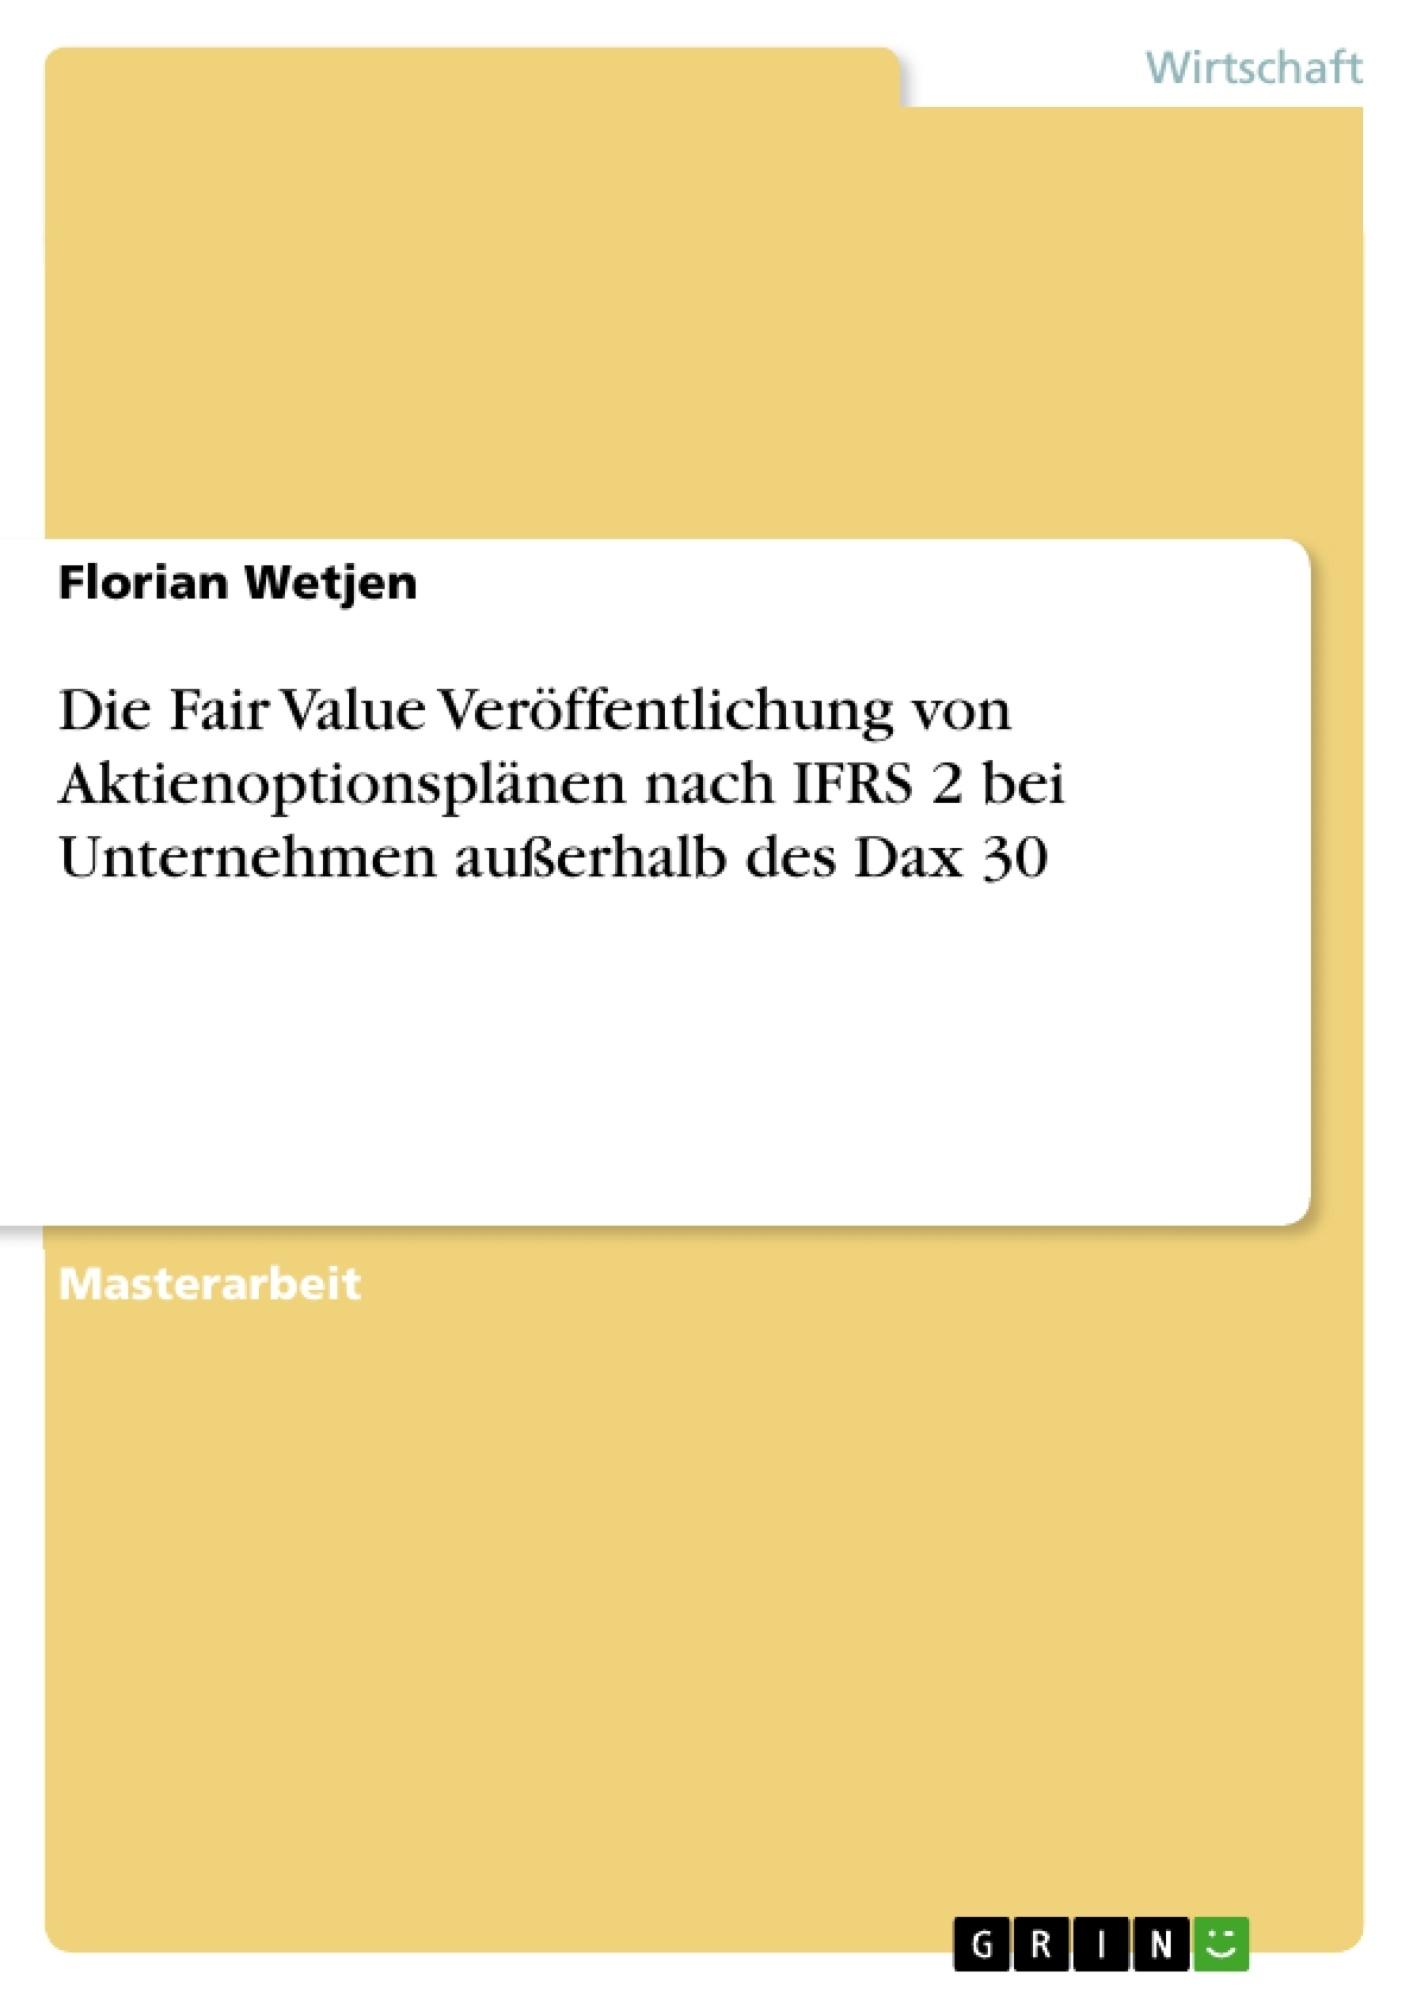 Titel: Die Fair Value Veröffentlichung von Aktienoptionsplänen nach IFRS 2 bei Unternehmen außerhalb des Dax  30